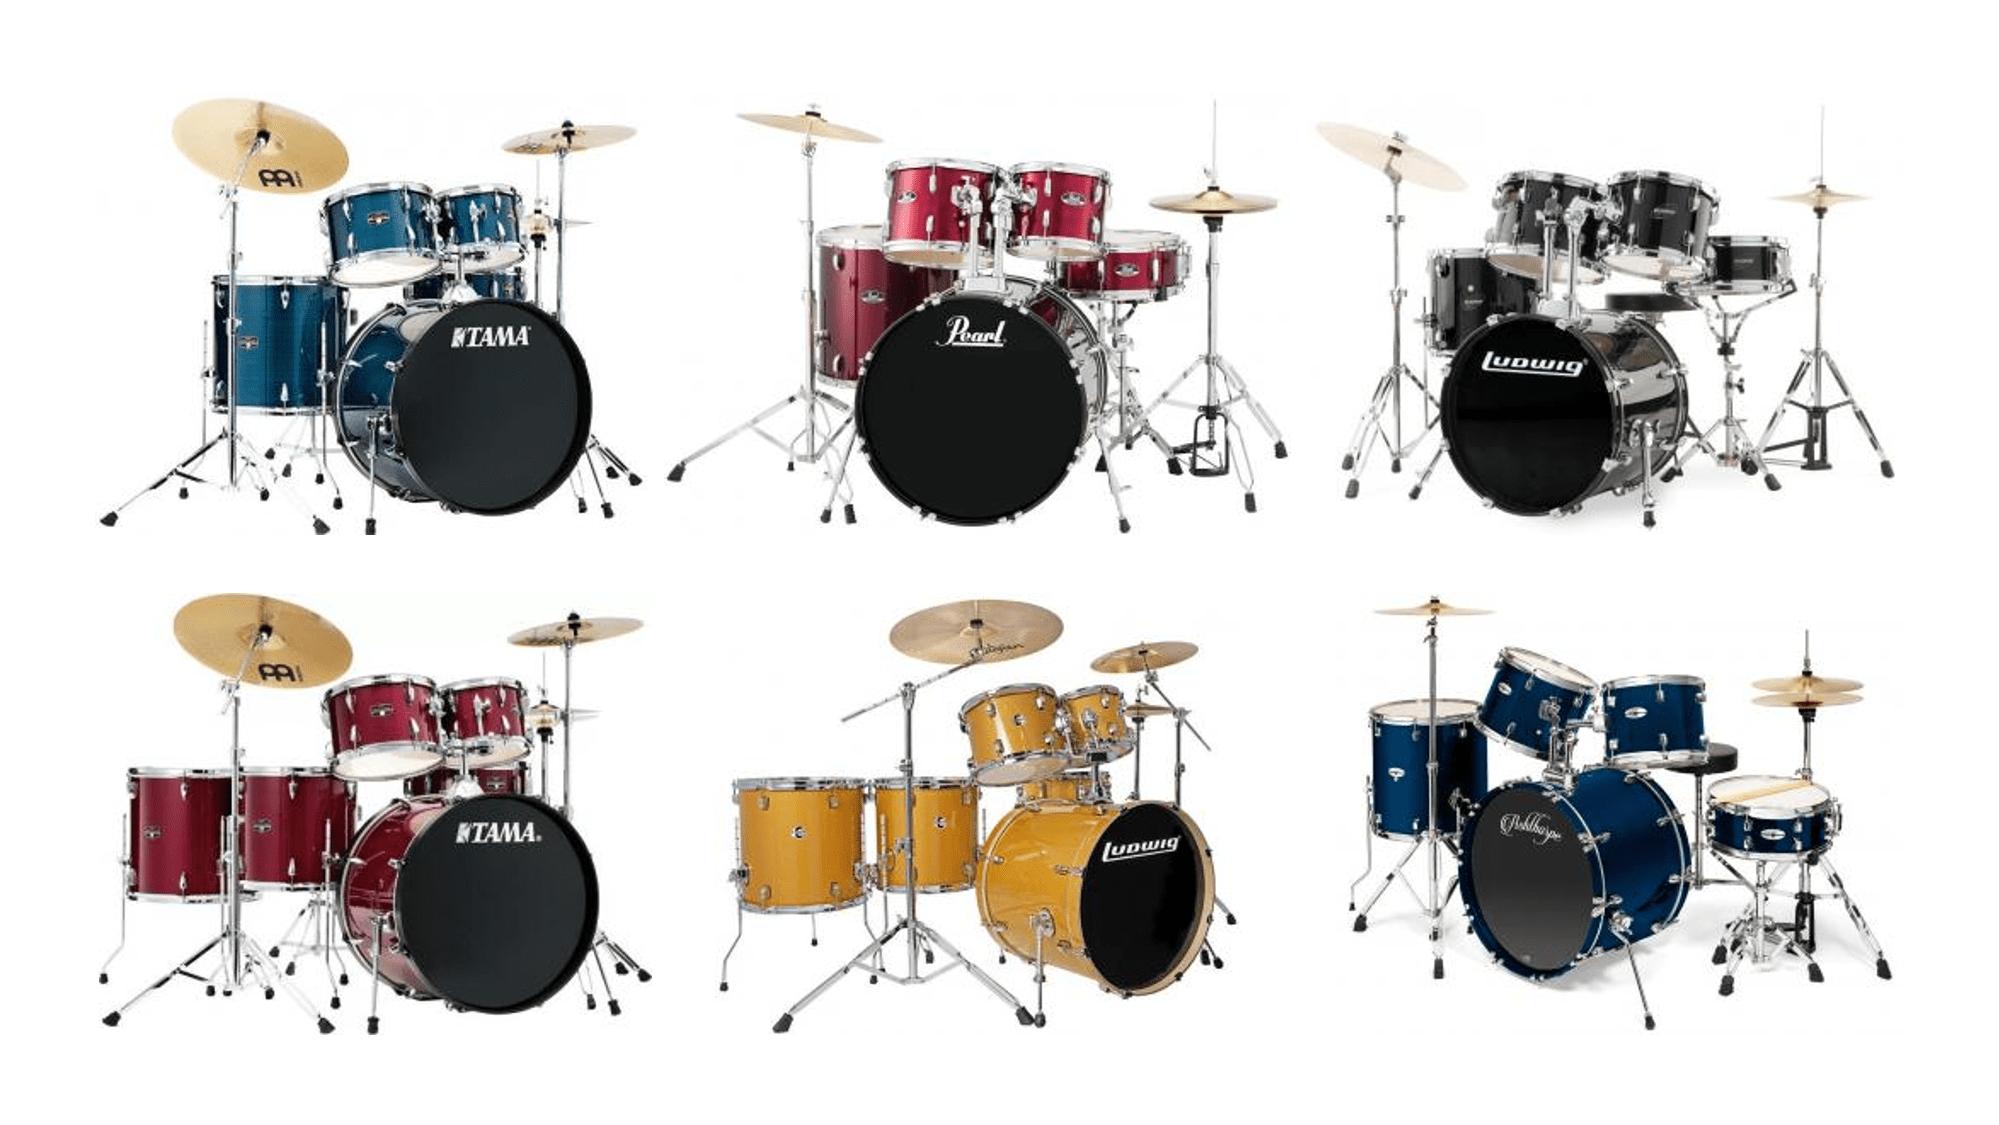 Baterias acústicas baratas completas con herrajes y platillos ideales para bateristas principiantes e intermedios.